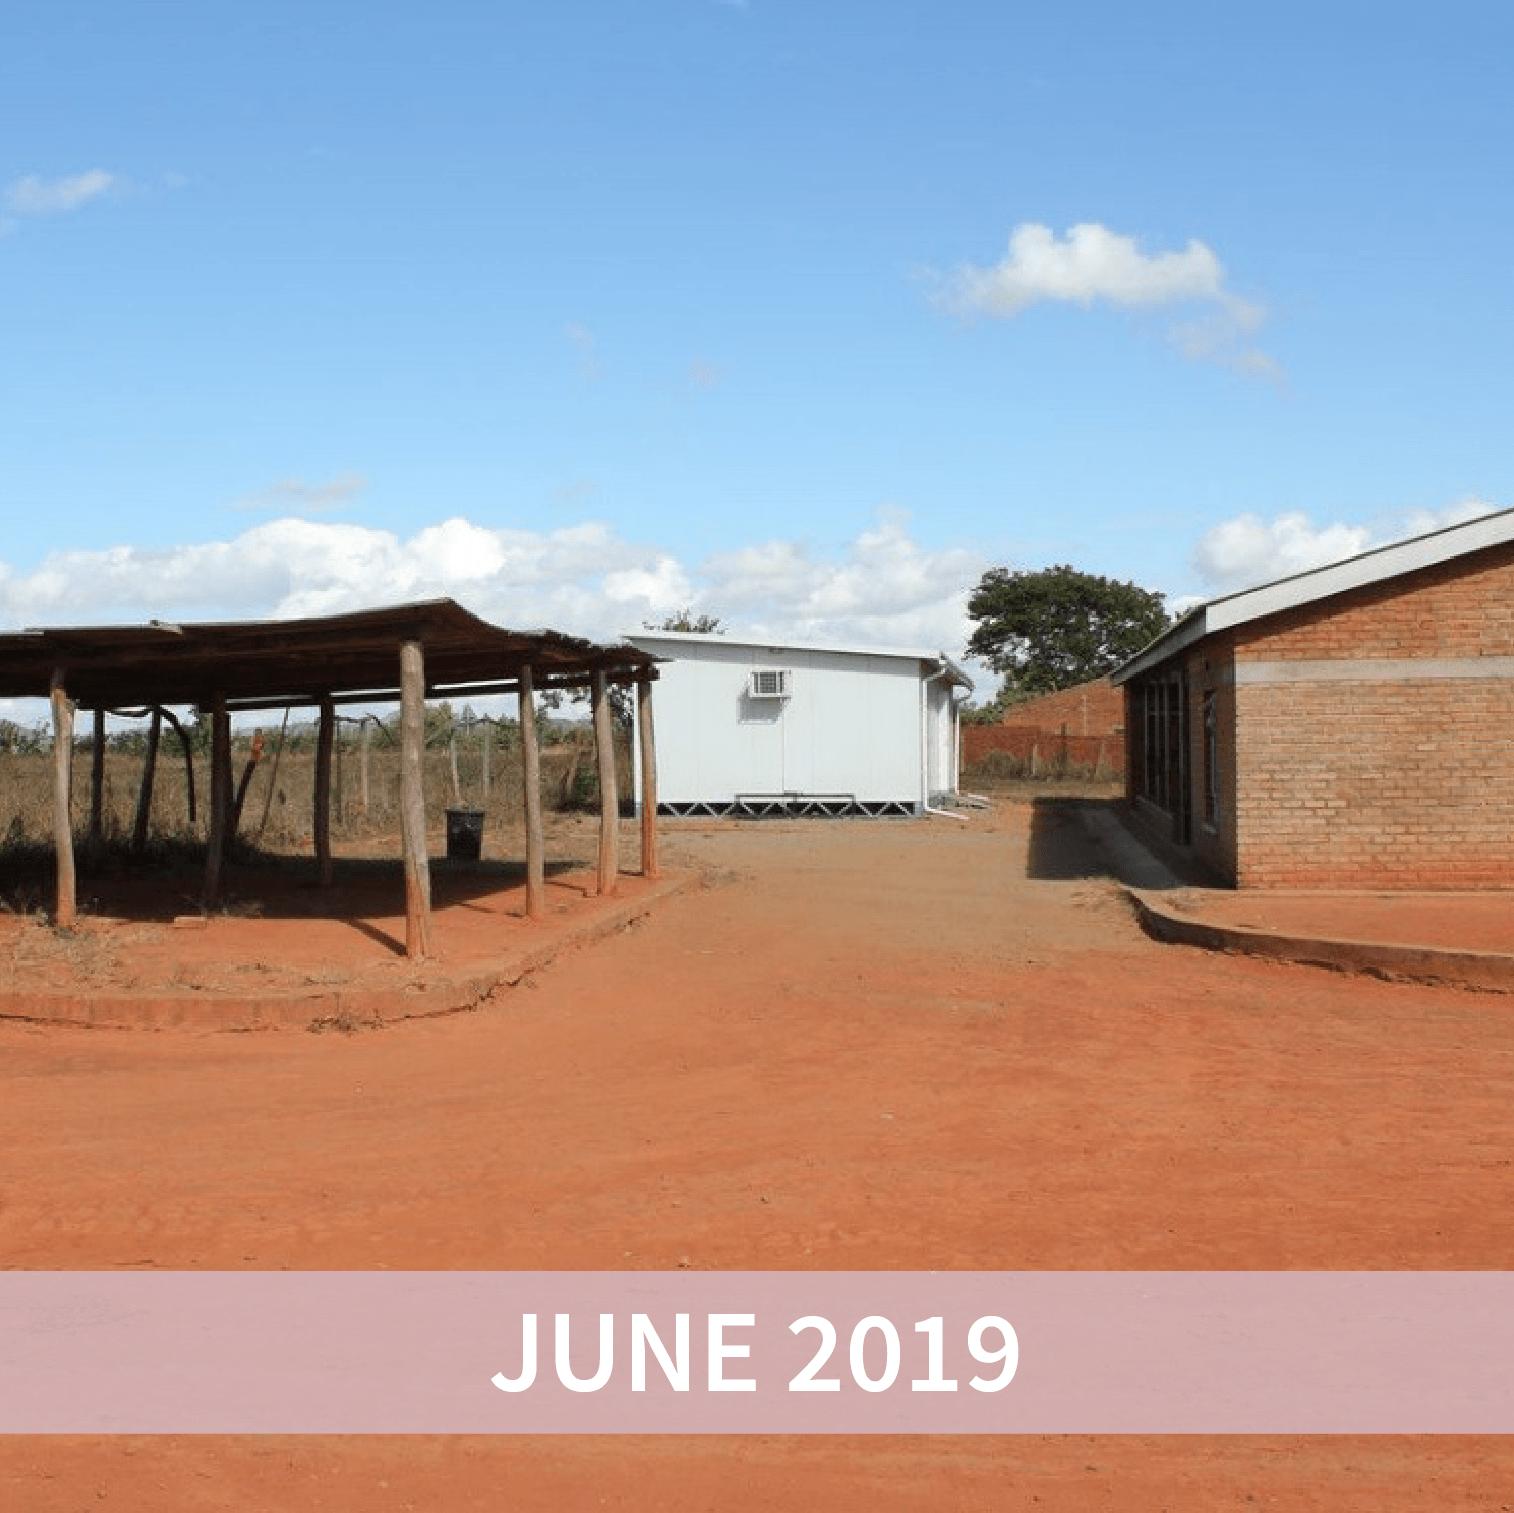 June funding initiative: Gesundheit ohne Schwierigkeit